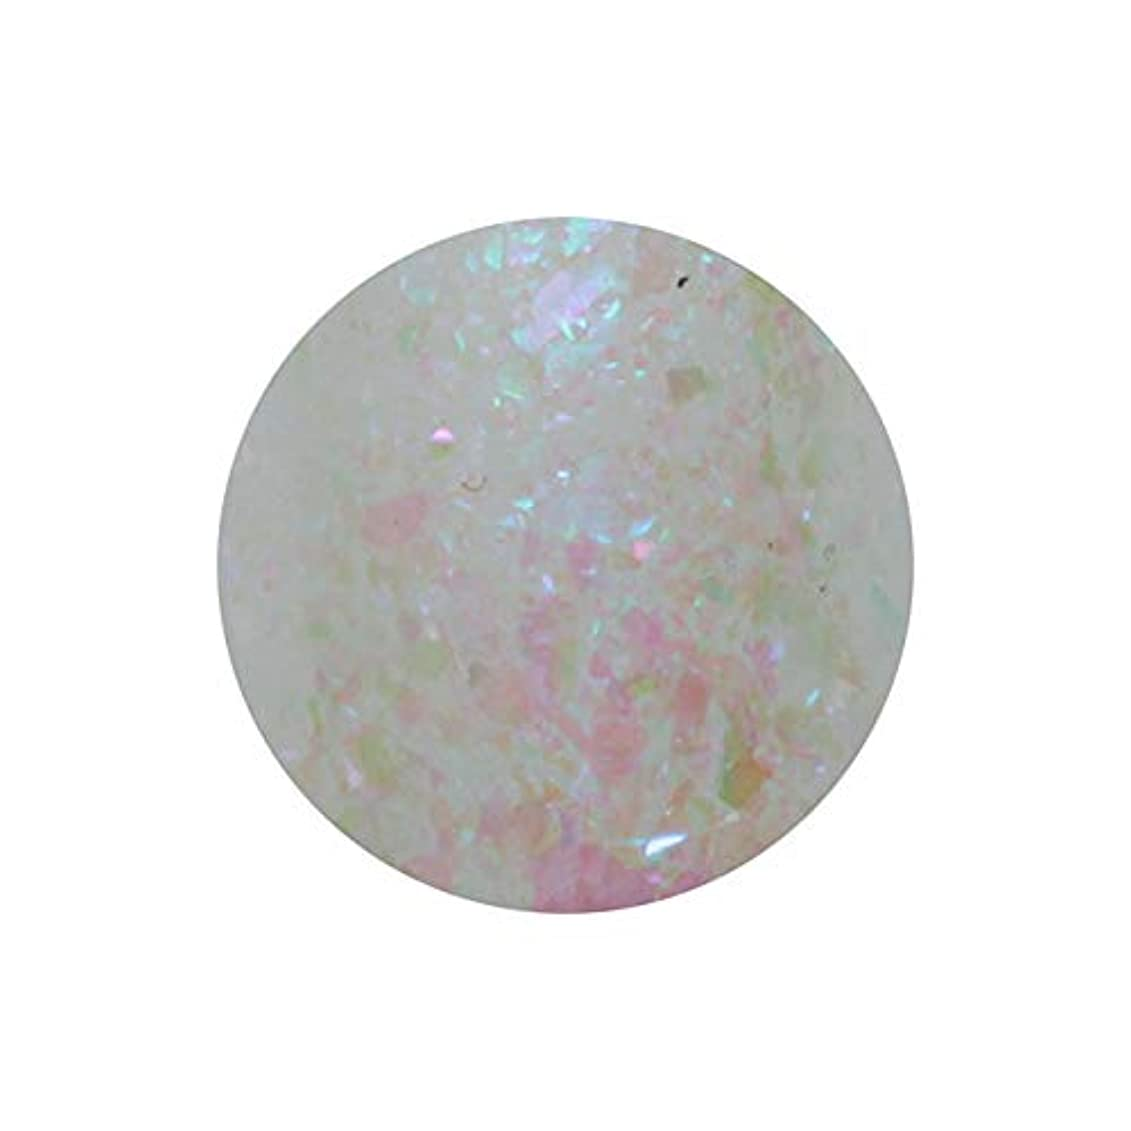 ポール下着市の花【NEW】T-GEL COLLECTION TINY T005 ホログラフィーピンク 8ml